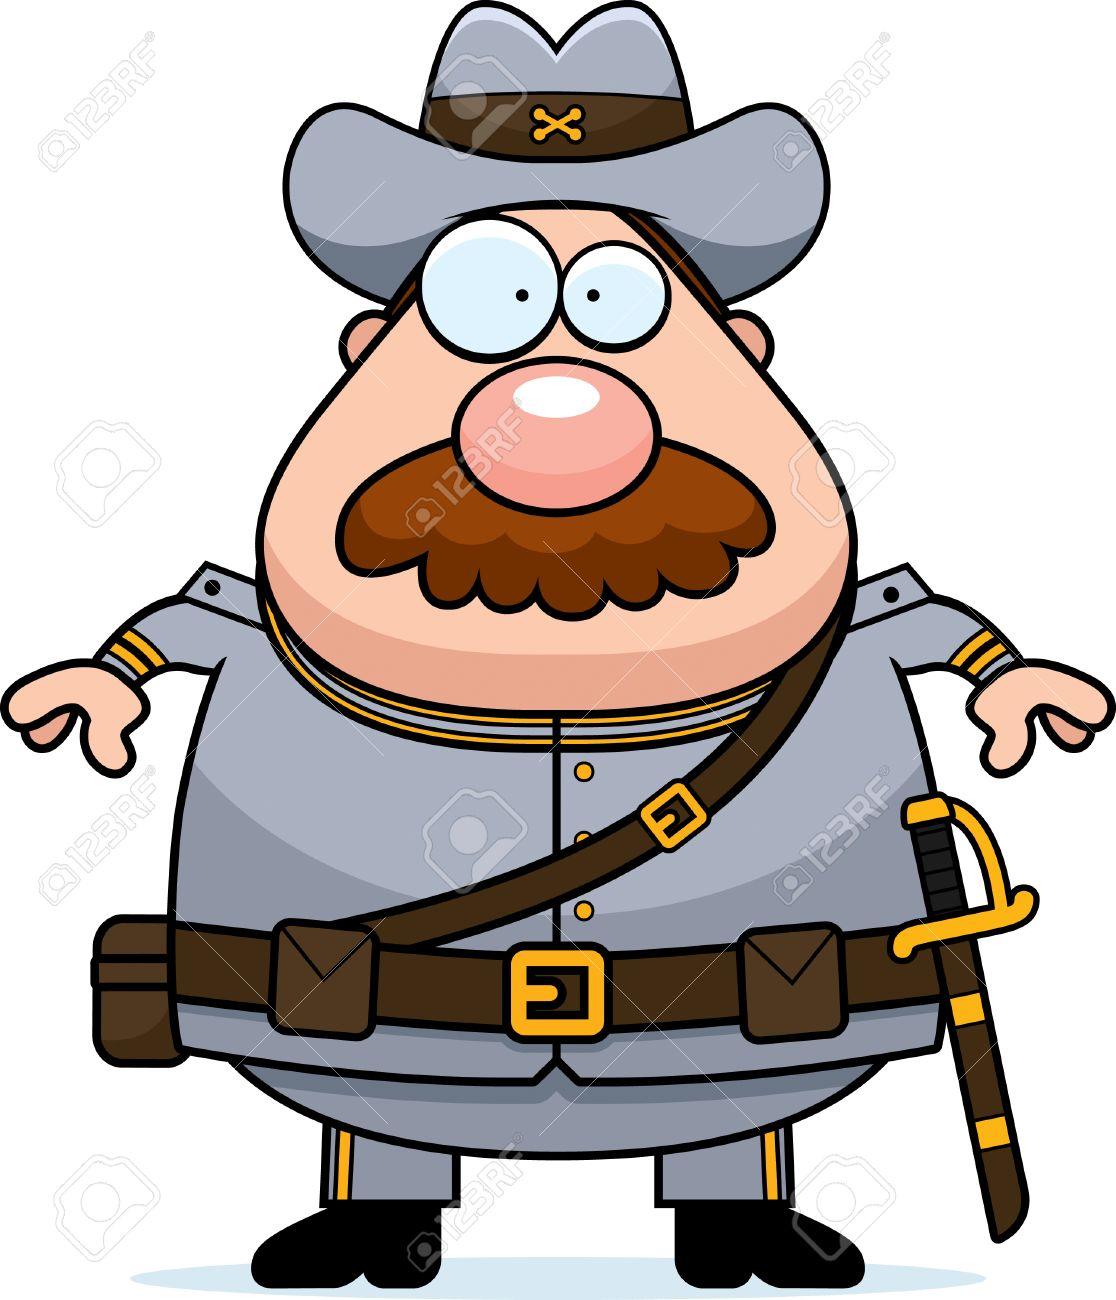 1116x1300 A Cartoon Illustration Of A Civil War Confederate Soldier